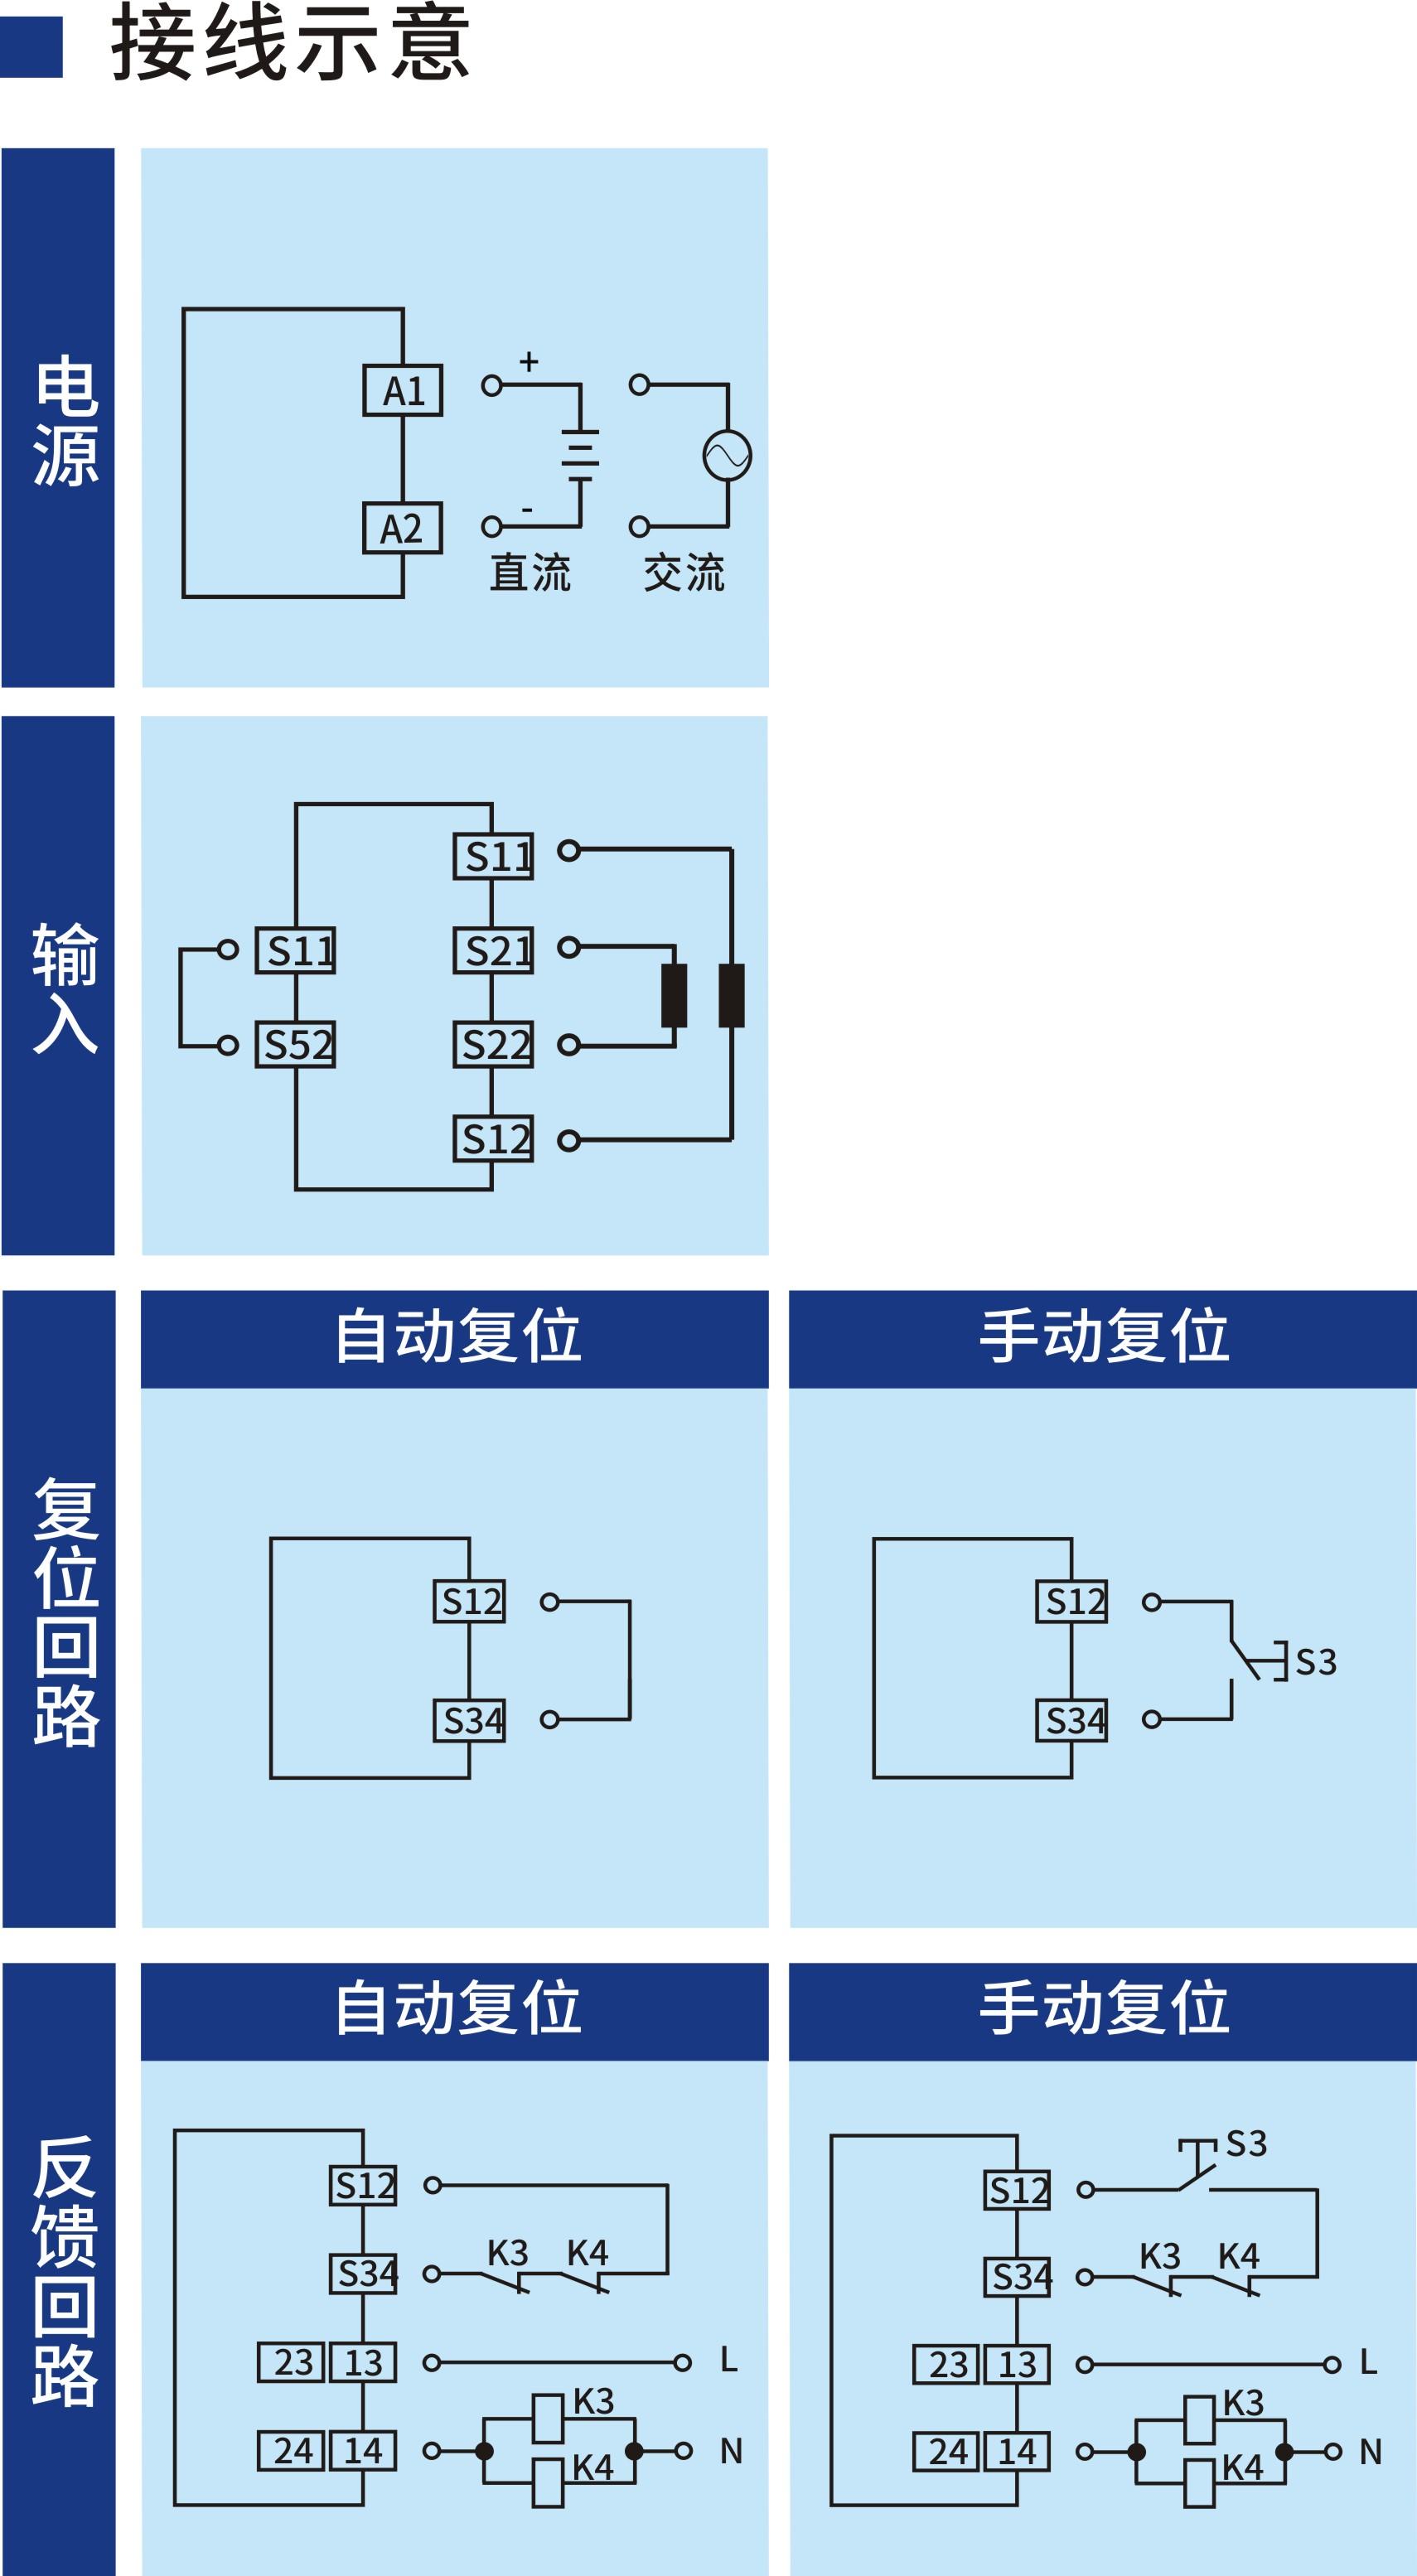 开关型安全设备输入 (四线制安全地毯 24V DC/AC 2NO+2NC 自动/手动复位)